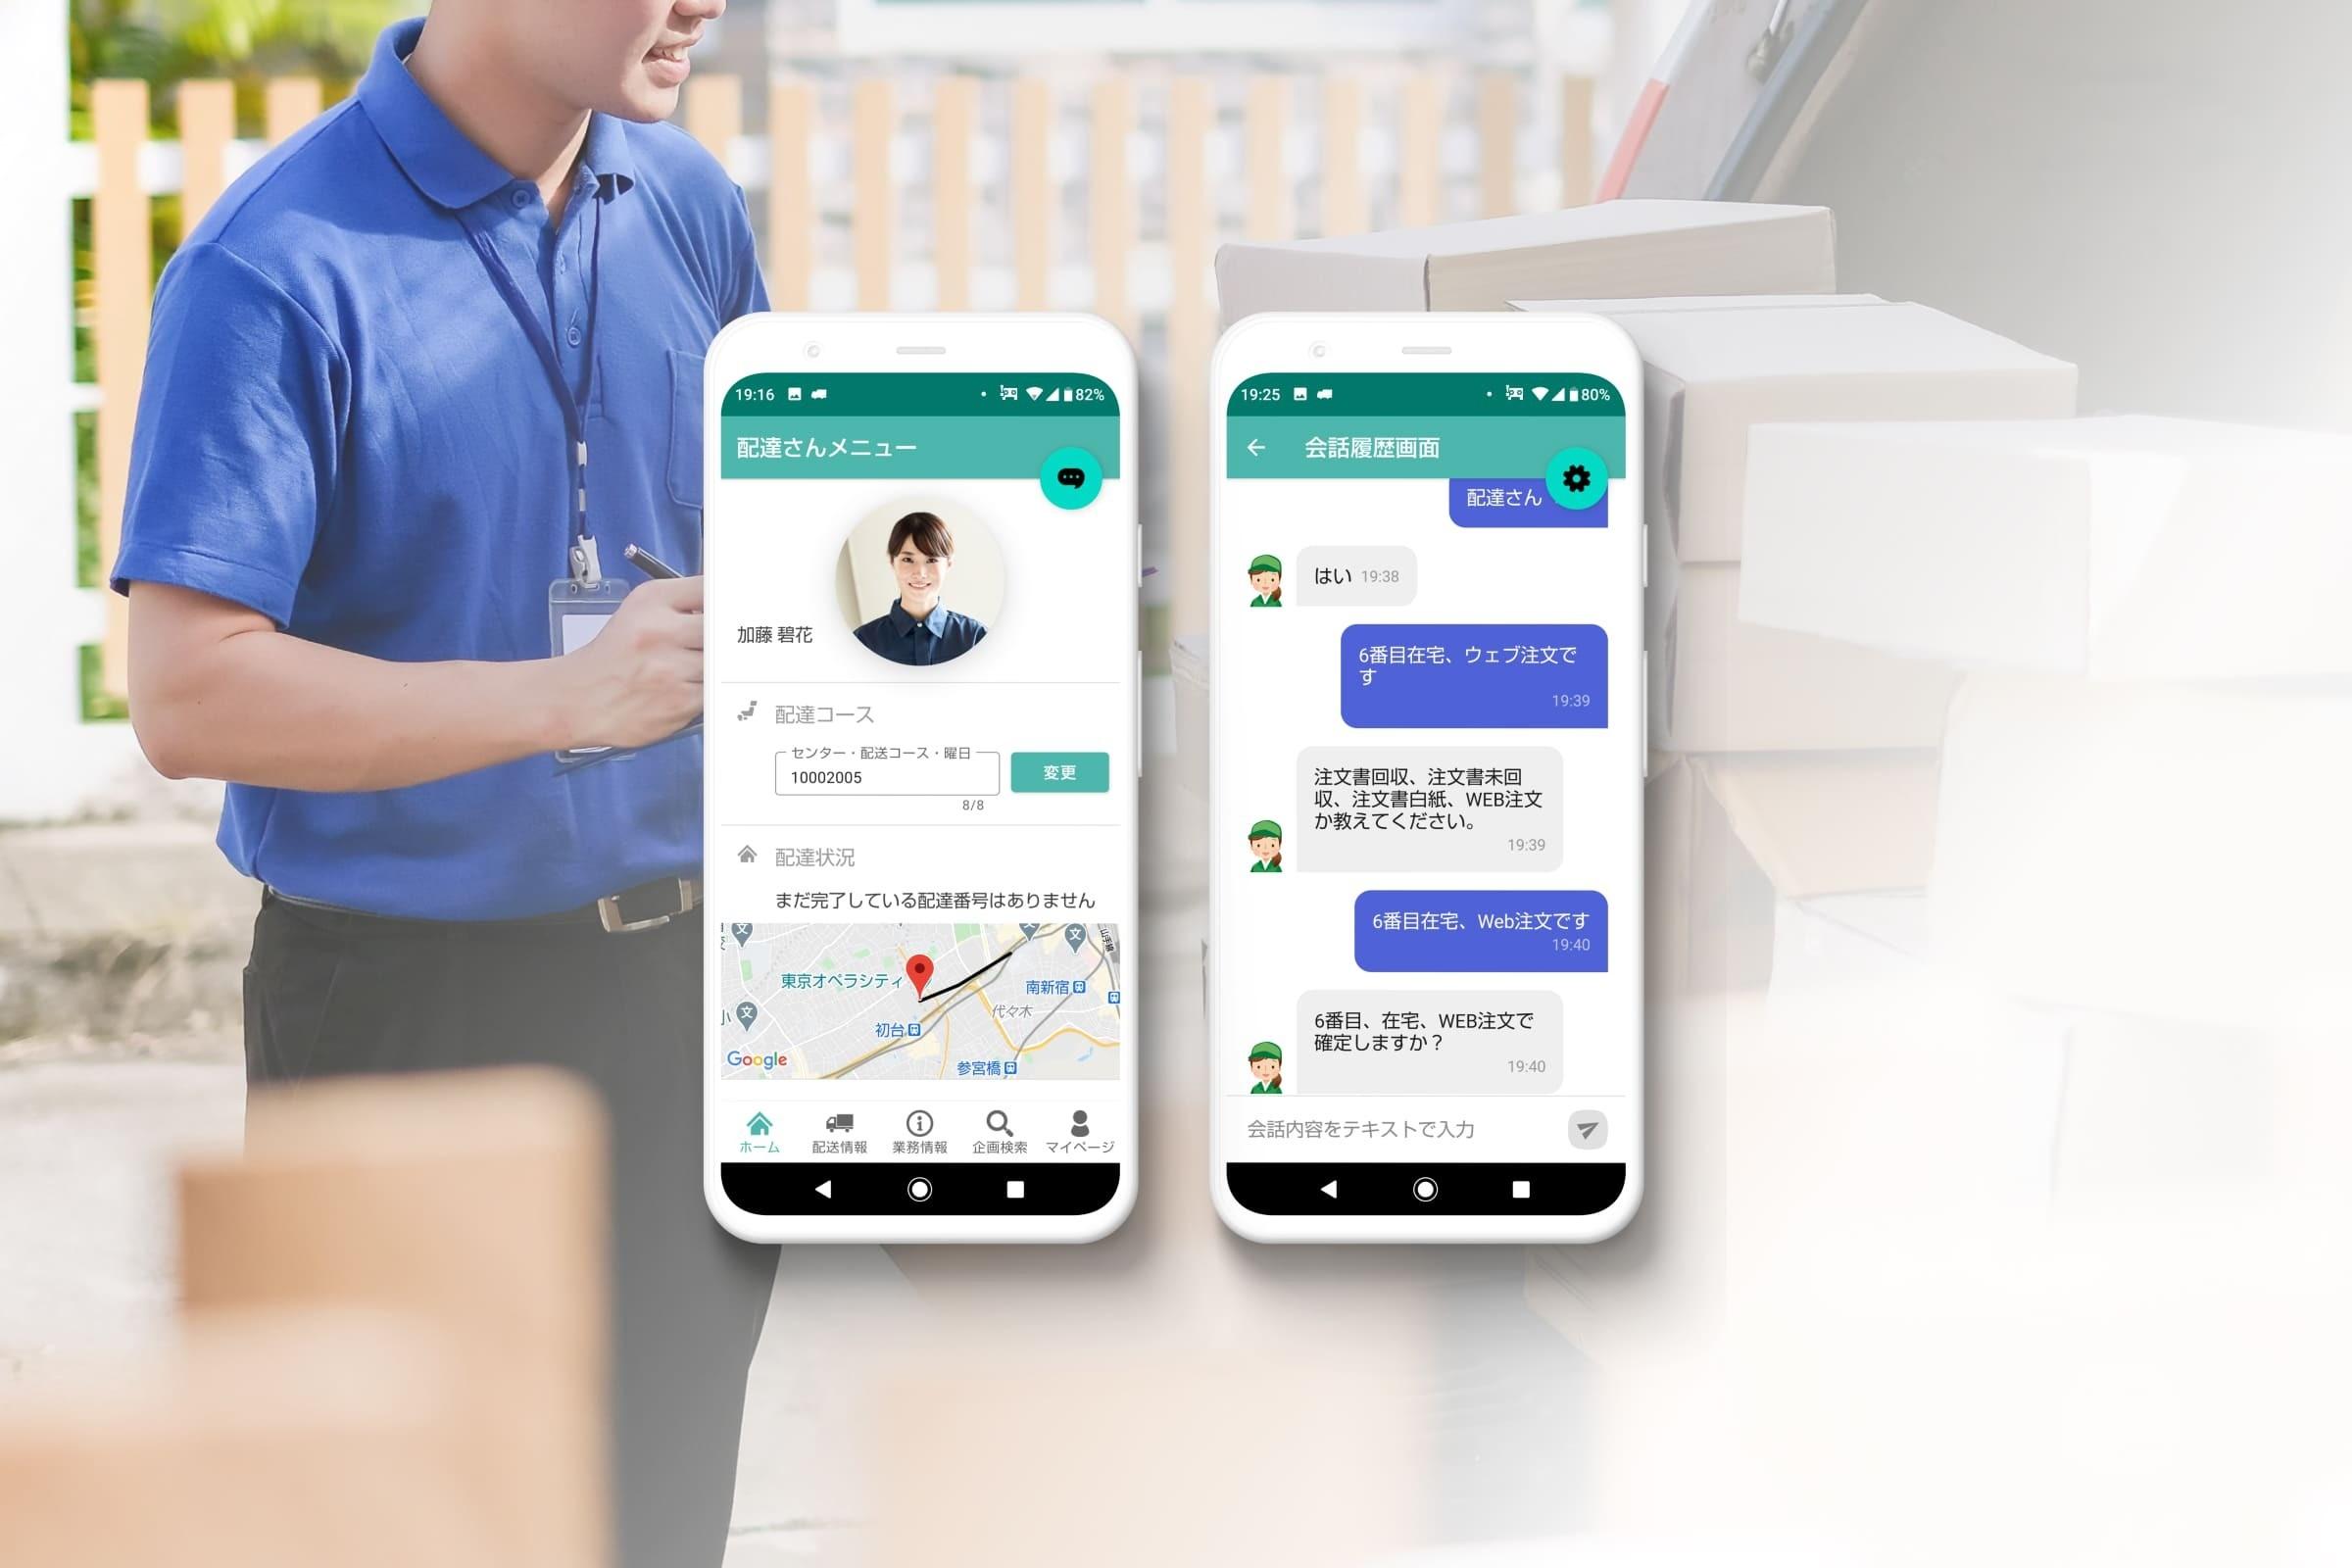 日本生活協同組合連合会様「配達コンシェルジュ」のデモアプリの開発